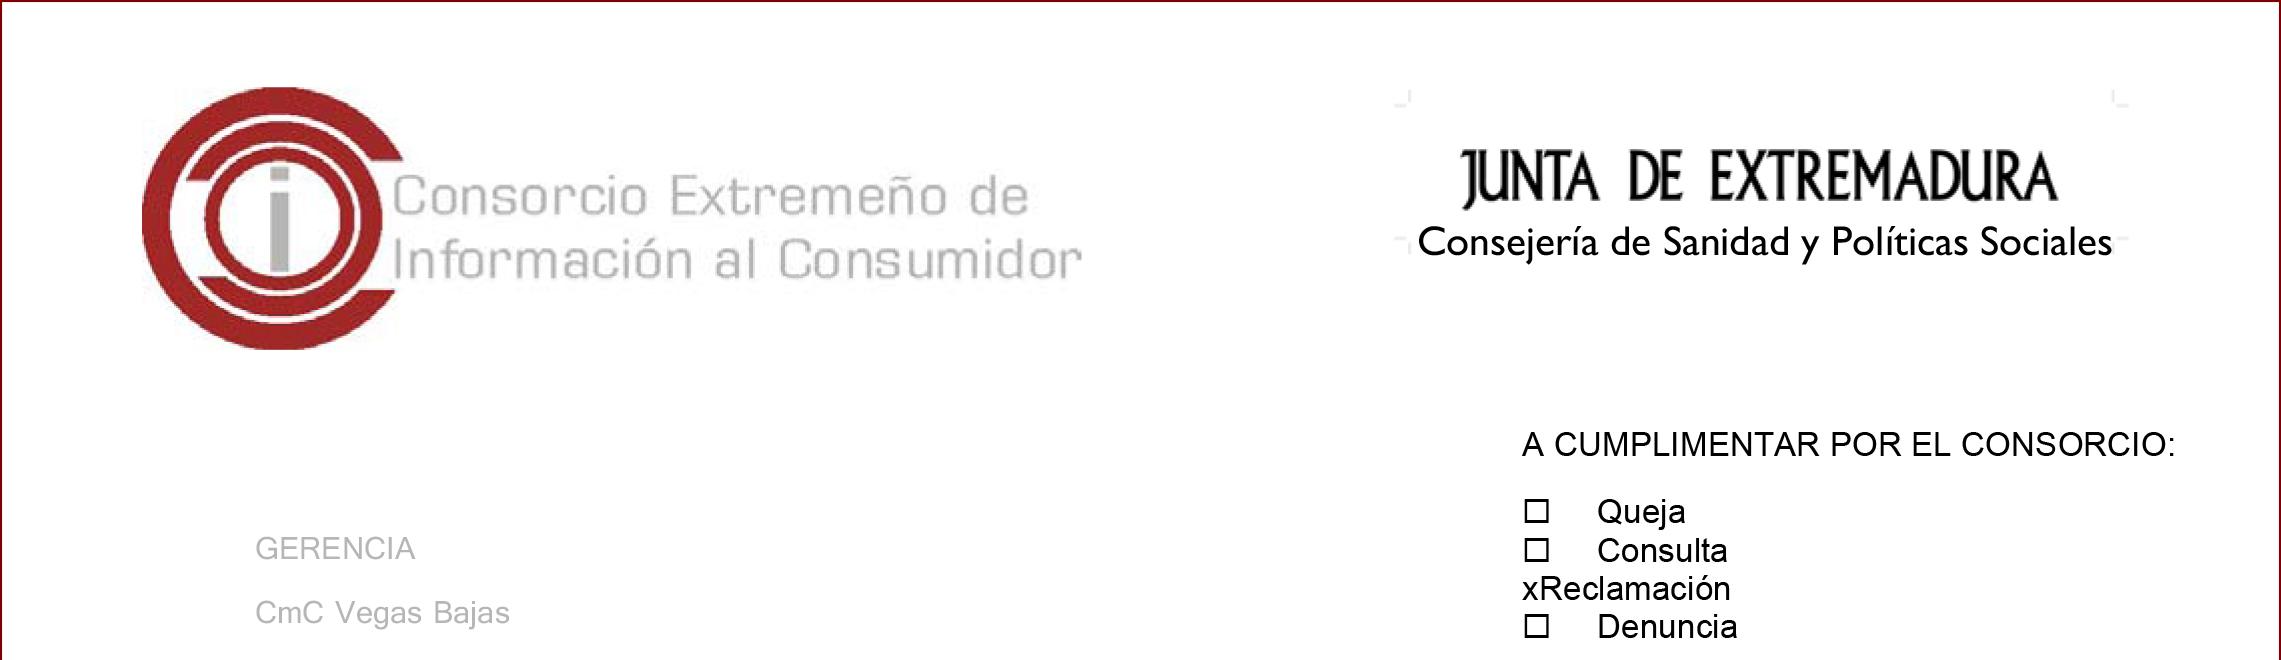 RECLAMACIONES CORTES DE SUMINISTRO A ENDESA: CÓMO PROCEDER